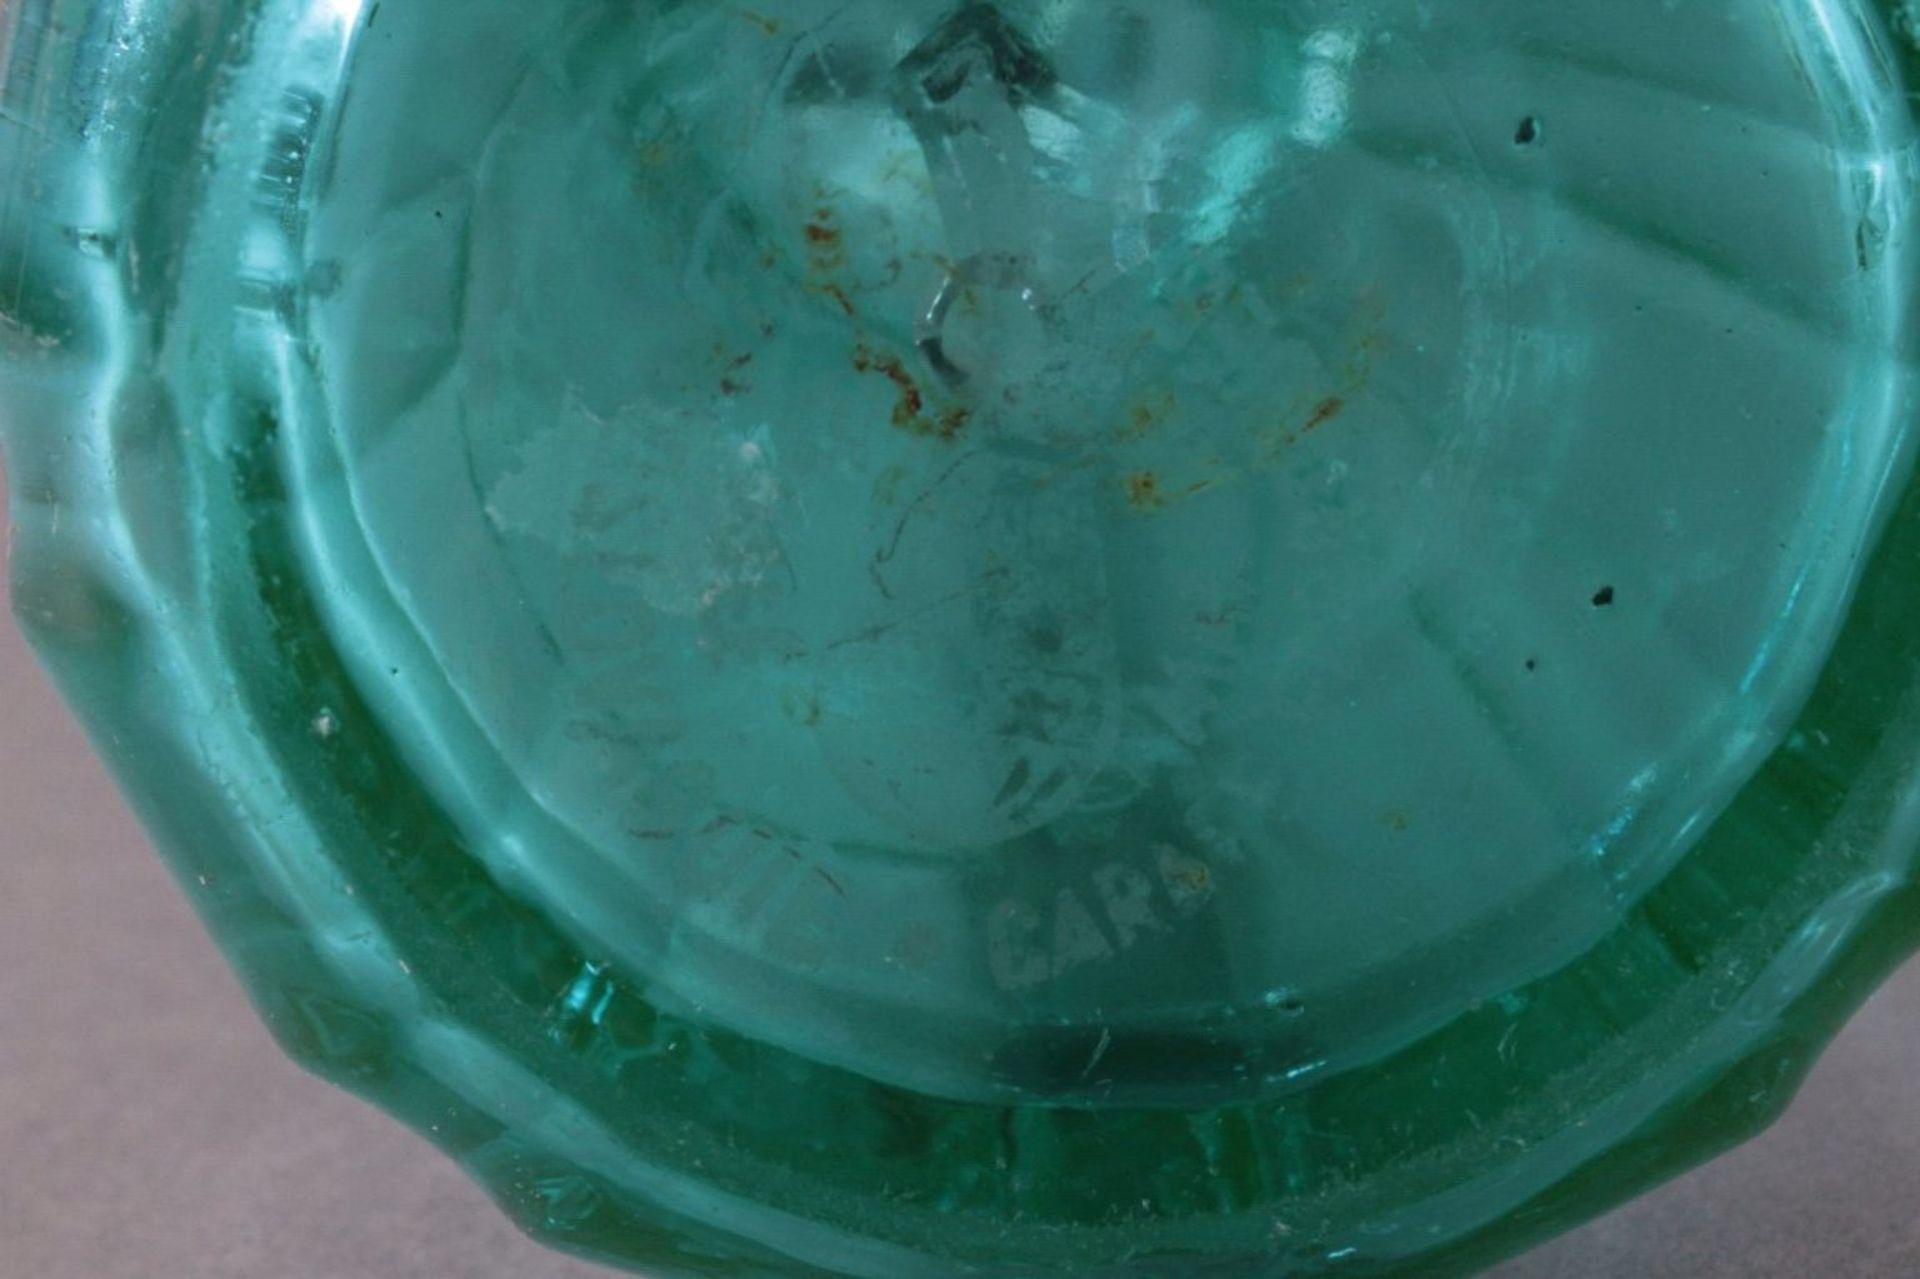 Soda - Flasche aus den 20er/30er JahrenKristall blau, gerippte, konisch nach oben verjüngendeWandung - Bild 5 aus 5